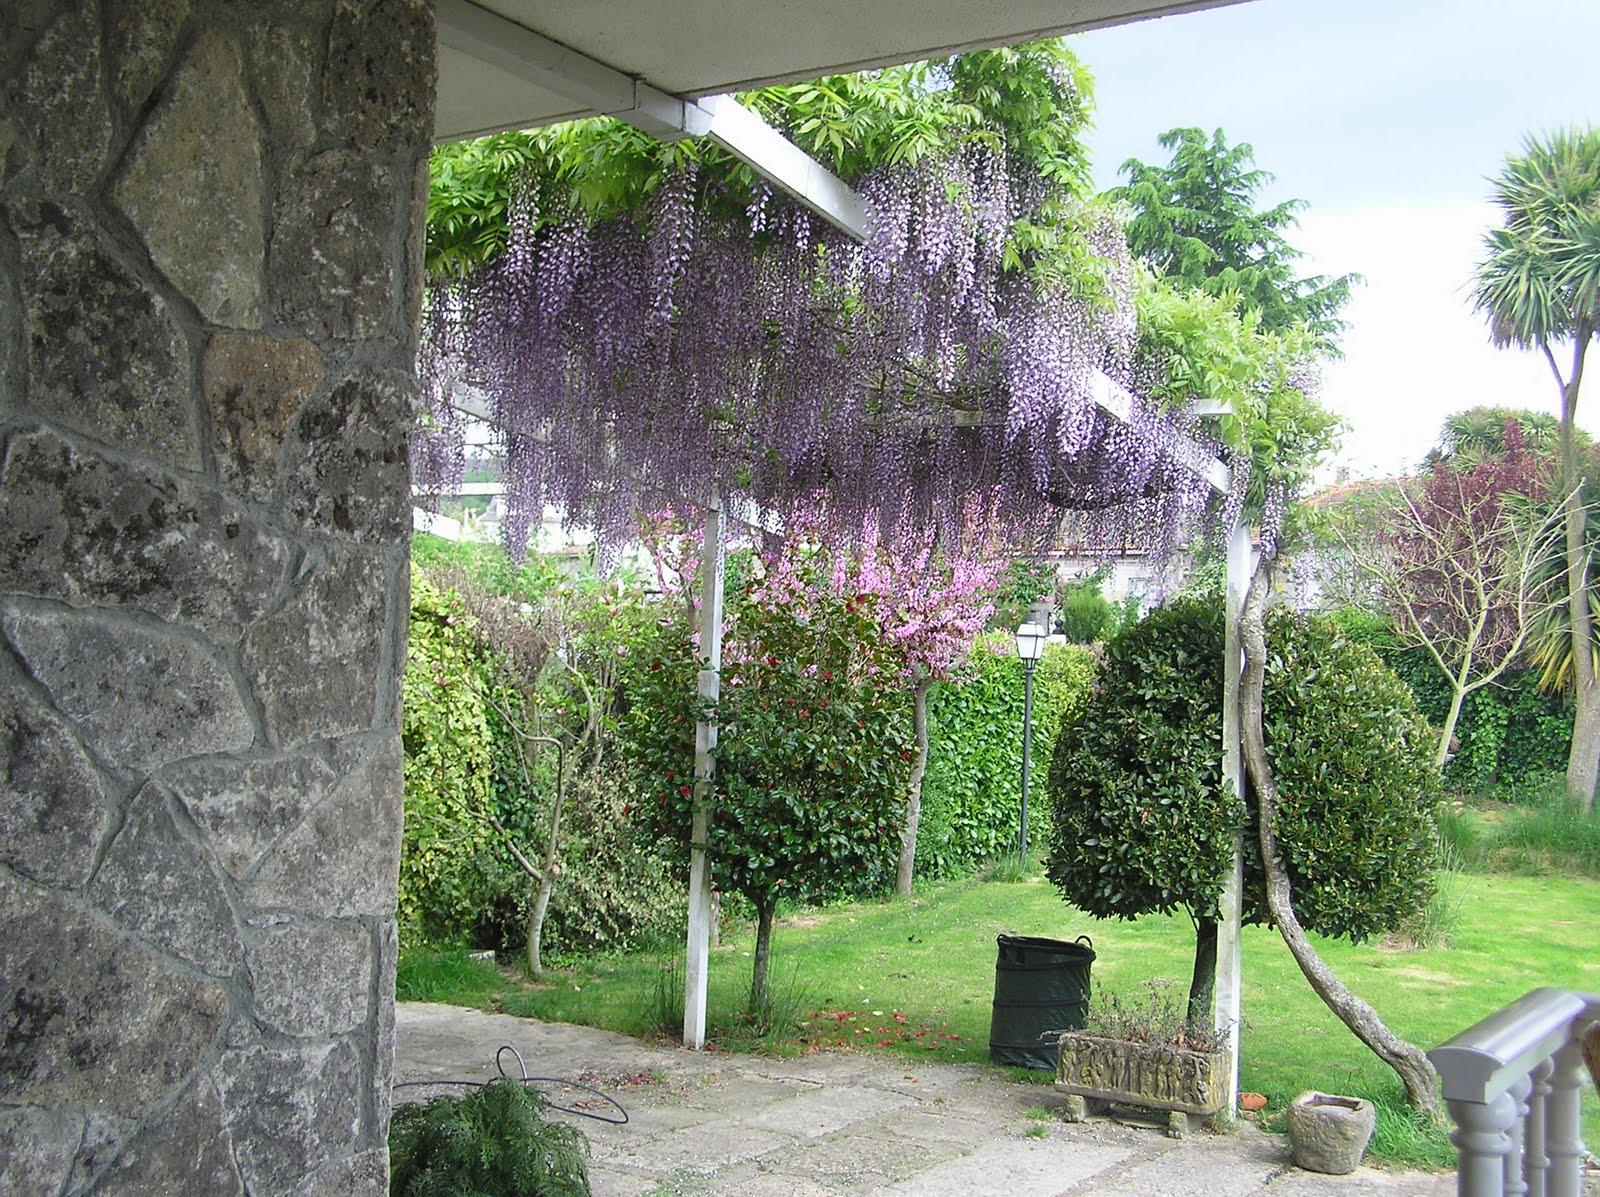 Terrasas y jardines para casas enredaderas o trepadoras para cubrir pared en jardin - Plantas trepadoras para pergolas ...